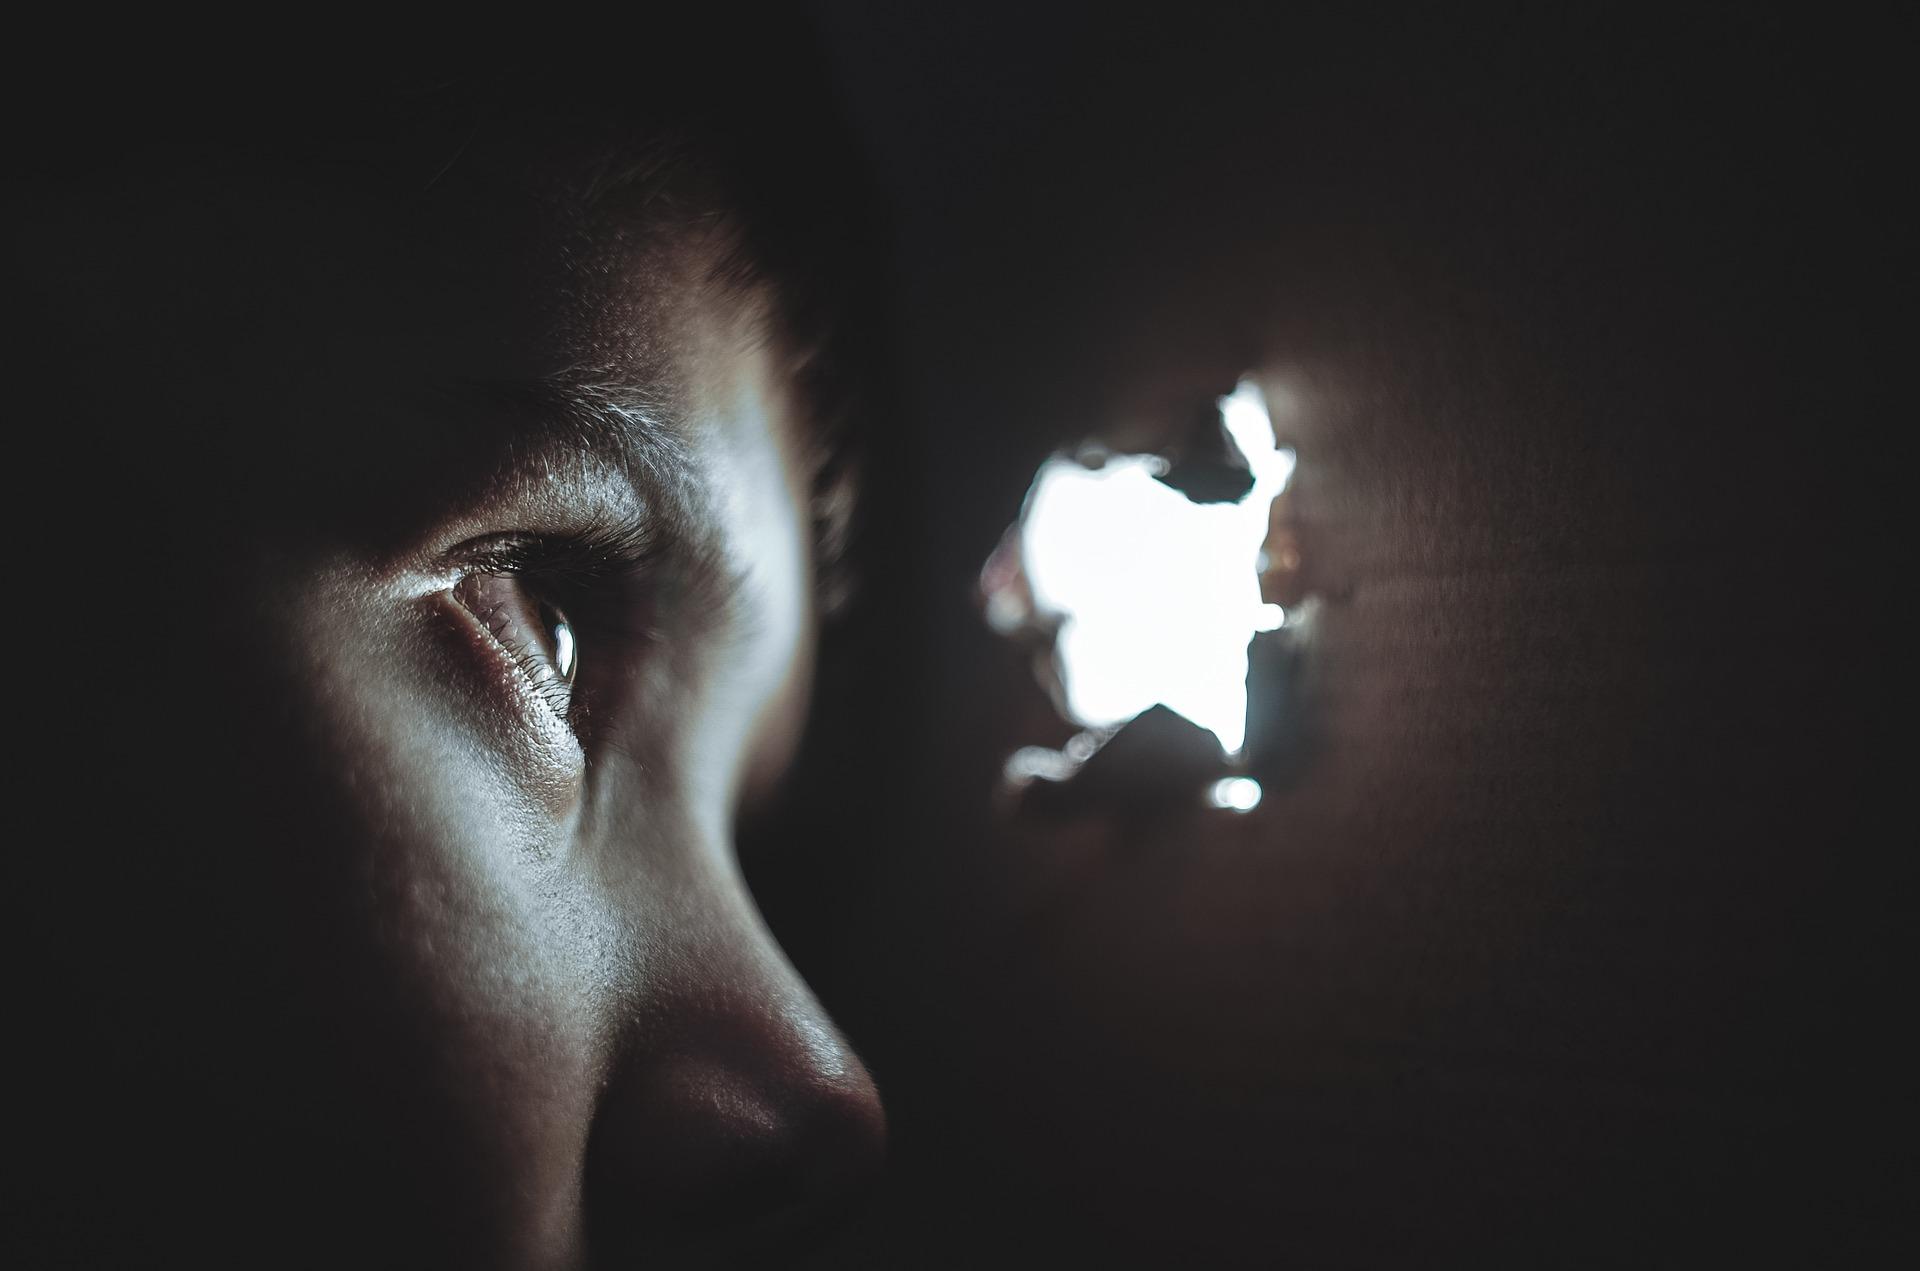 Что вами движет: страх или стремление к развитию?